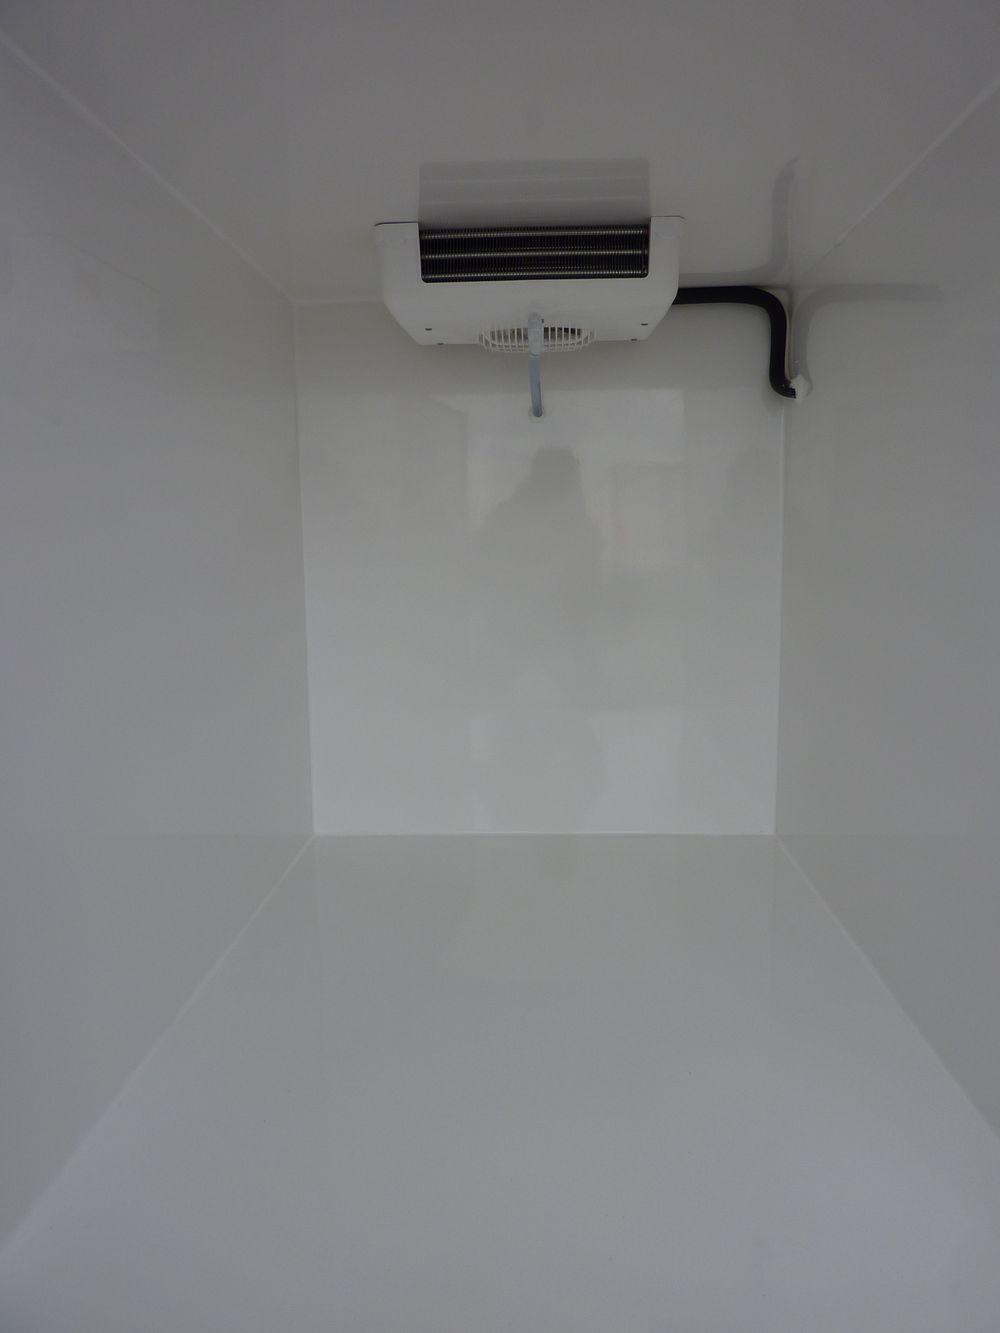 pose caisson frigorifique